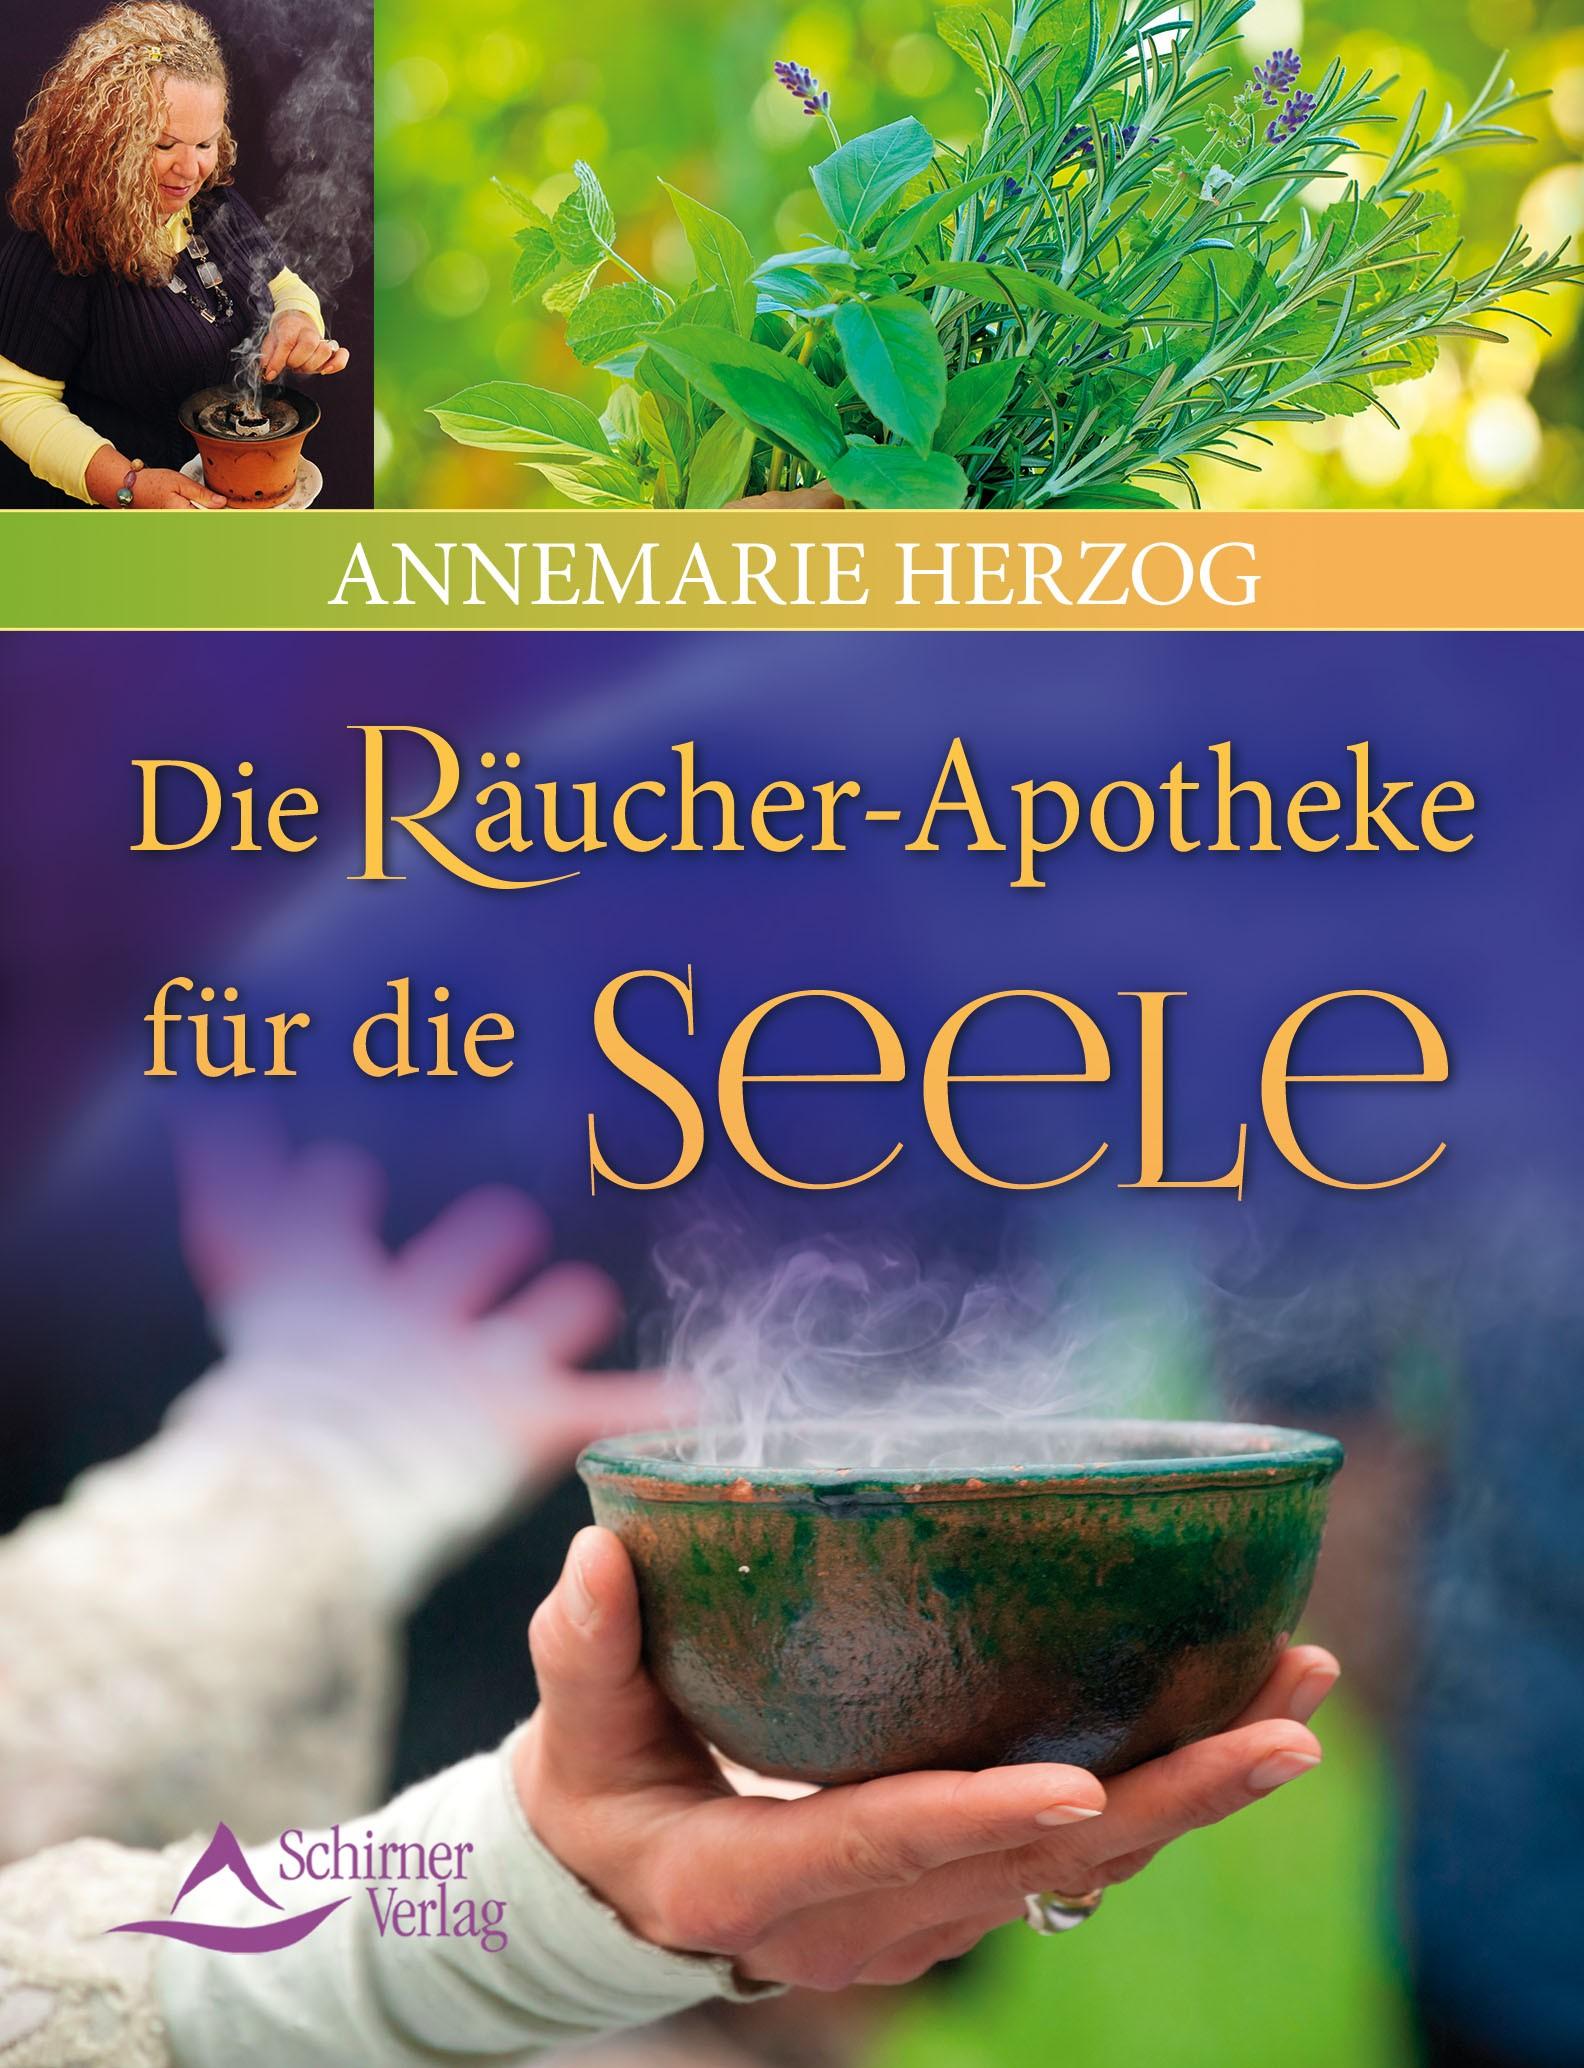 Die Räucherapotheke für die Seele, Buch